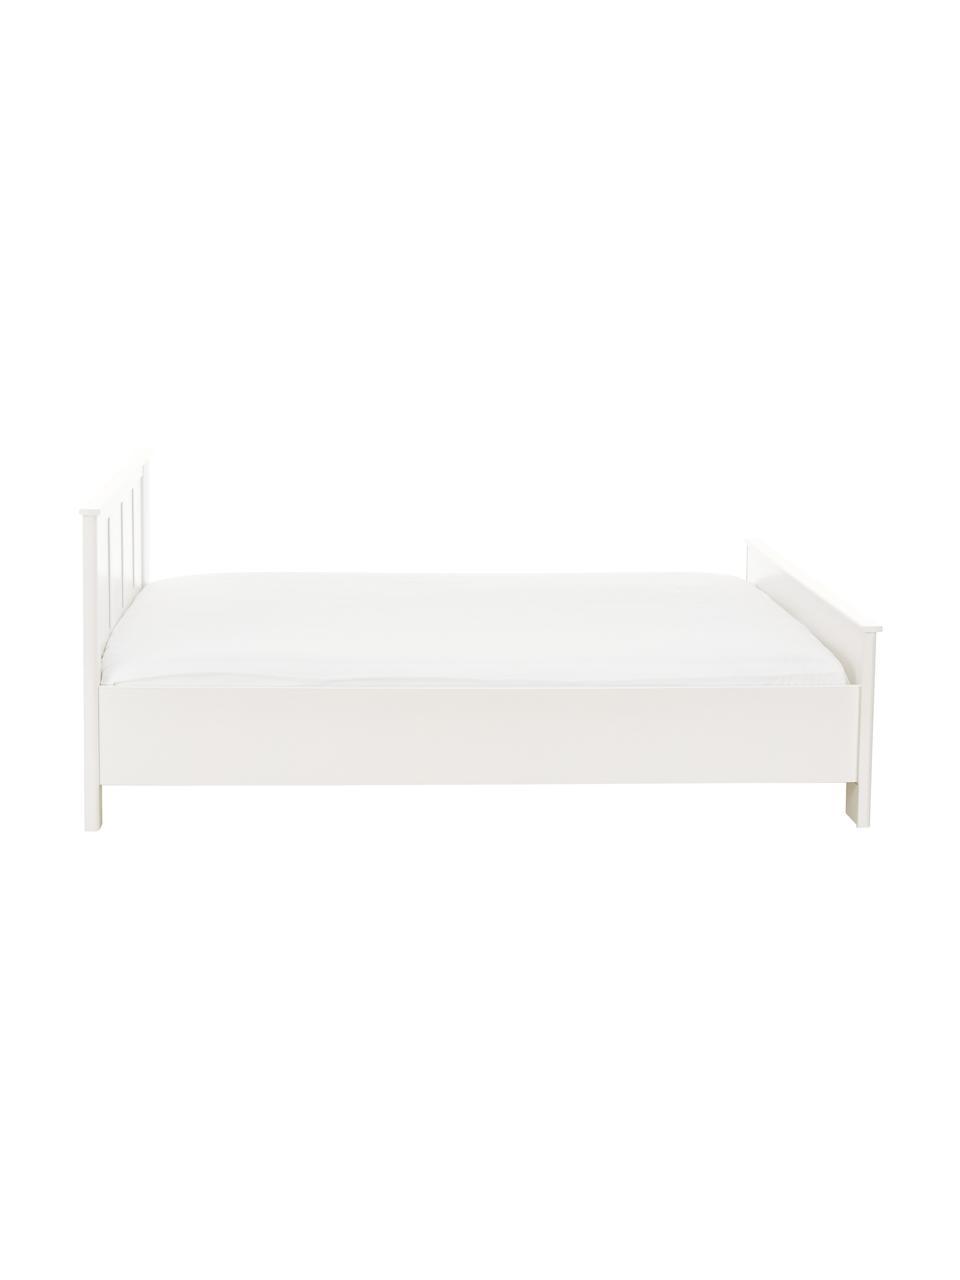 Wit houten bed Chalet, Spaanplaat, Wit, 160 x 200 cm